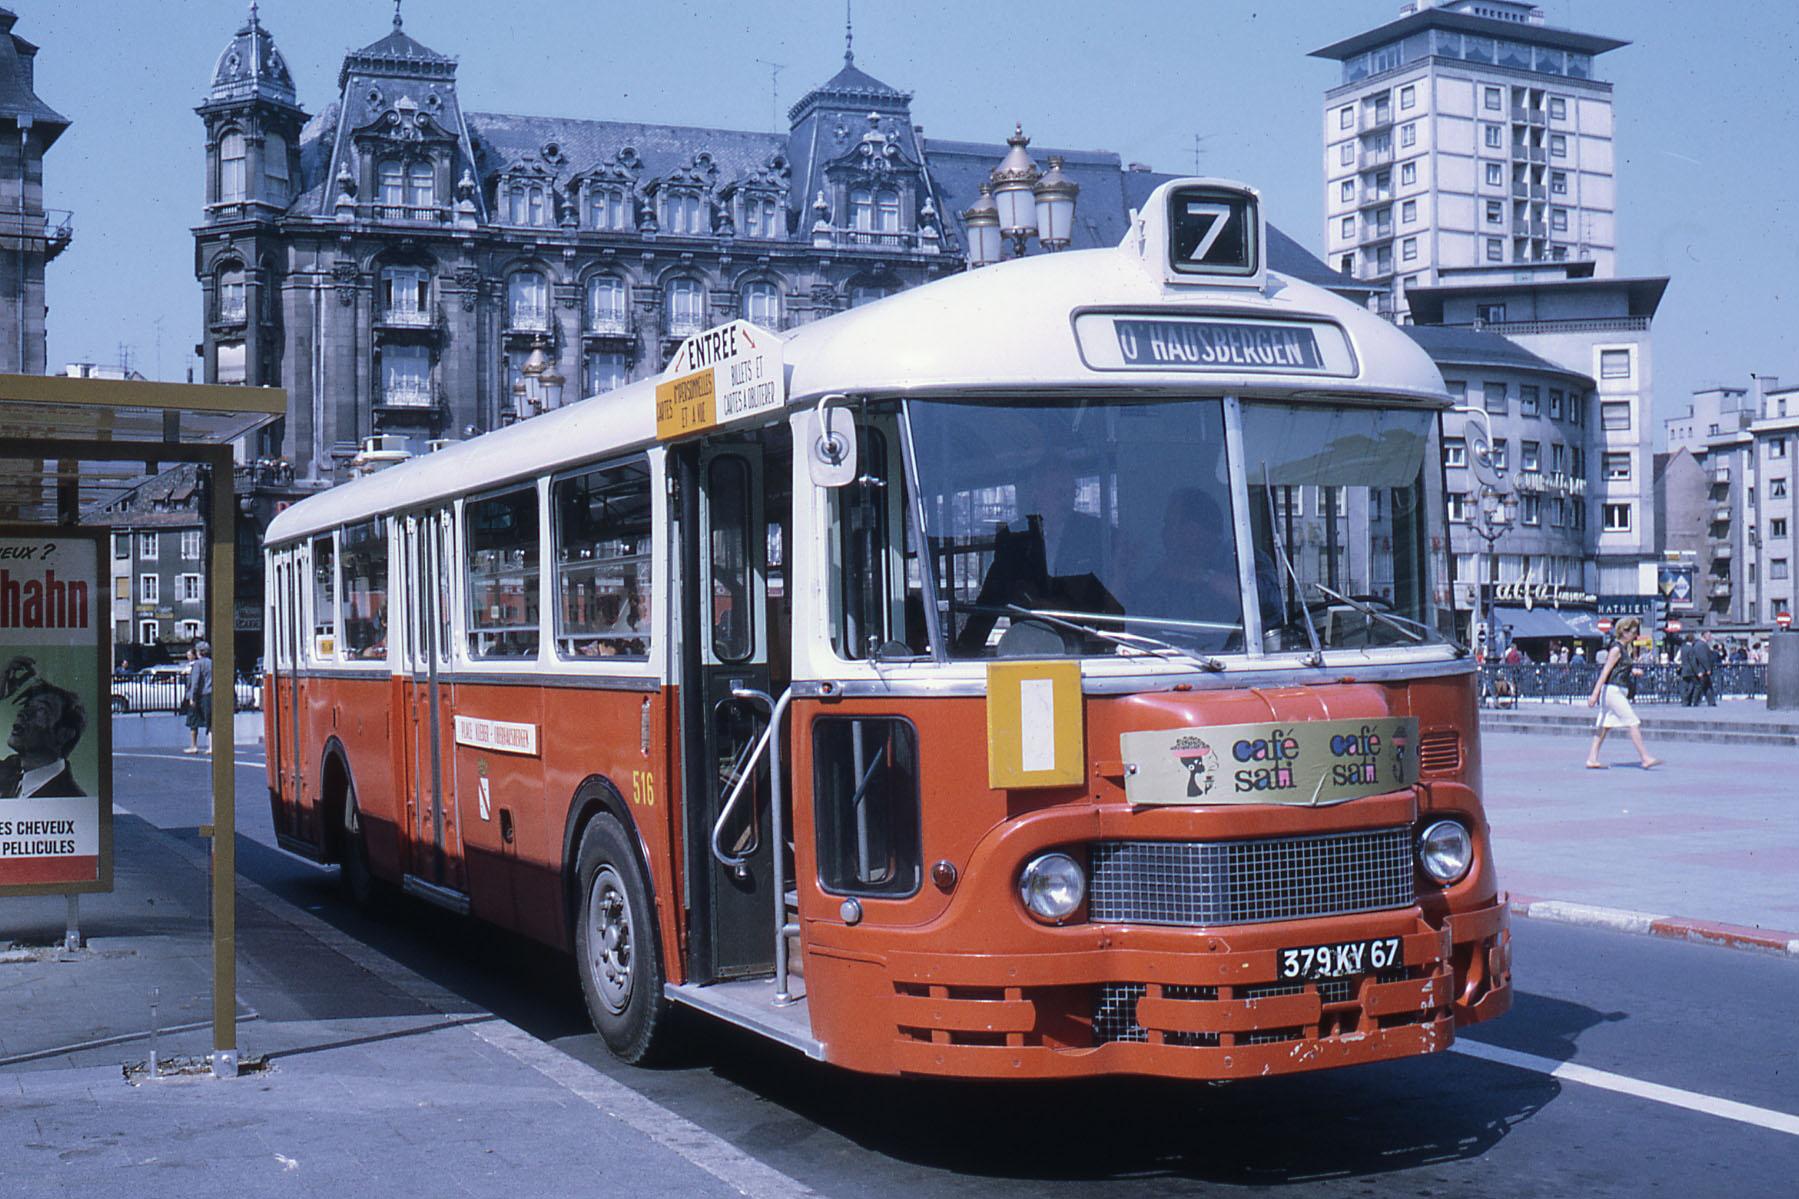 file ligne 7 strasbourg place kl ber 1969 bus wikimedia commons. Black Bedroom Furniture Sets. Home Design Ideas